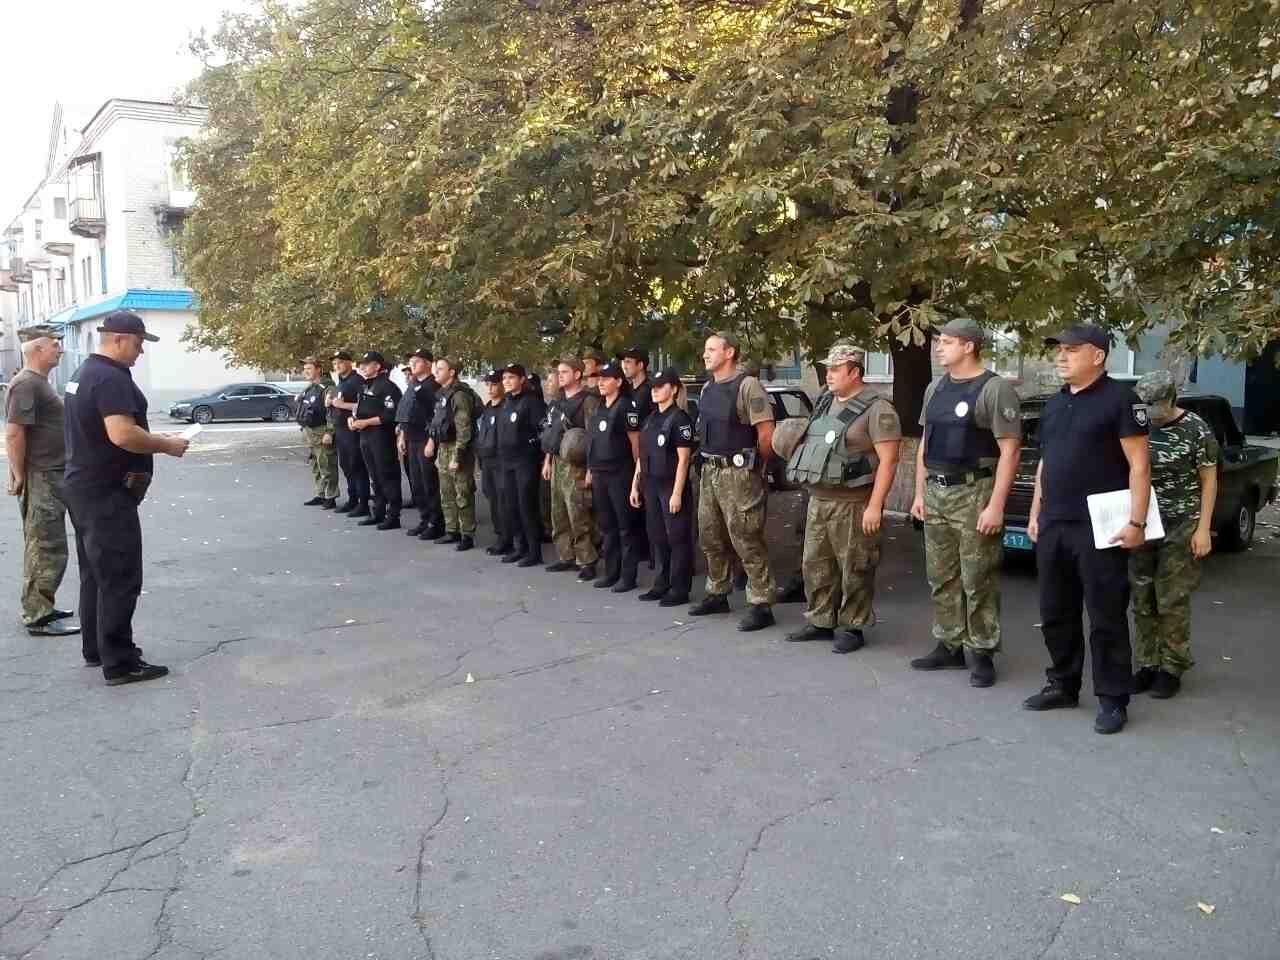 Правоохоронці Покровської оперативної зони готові до забезпечення правопорядку на День міста та День шахтаря, фото-10